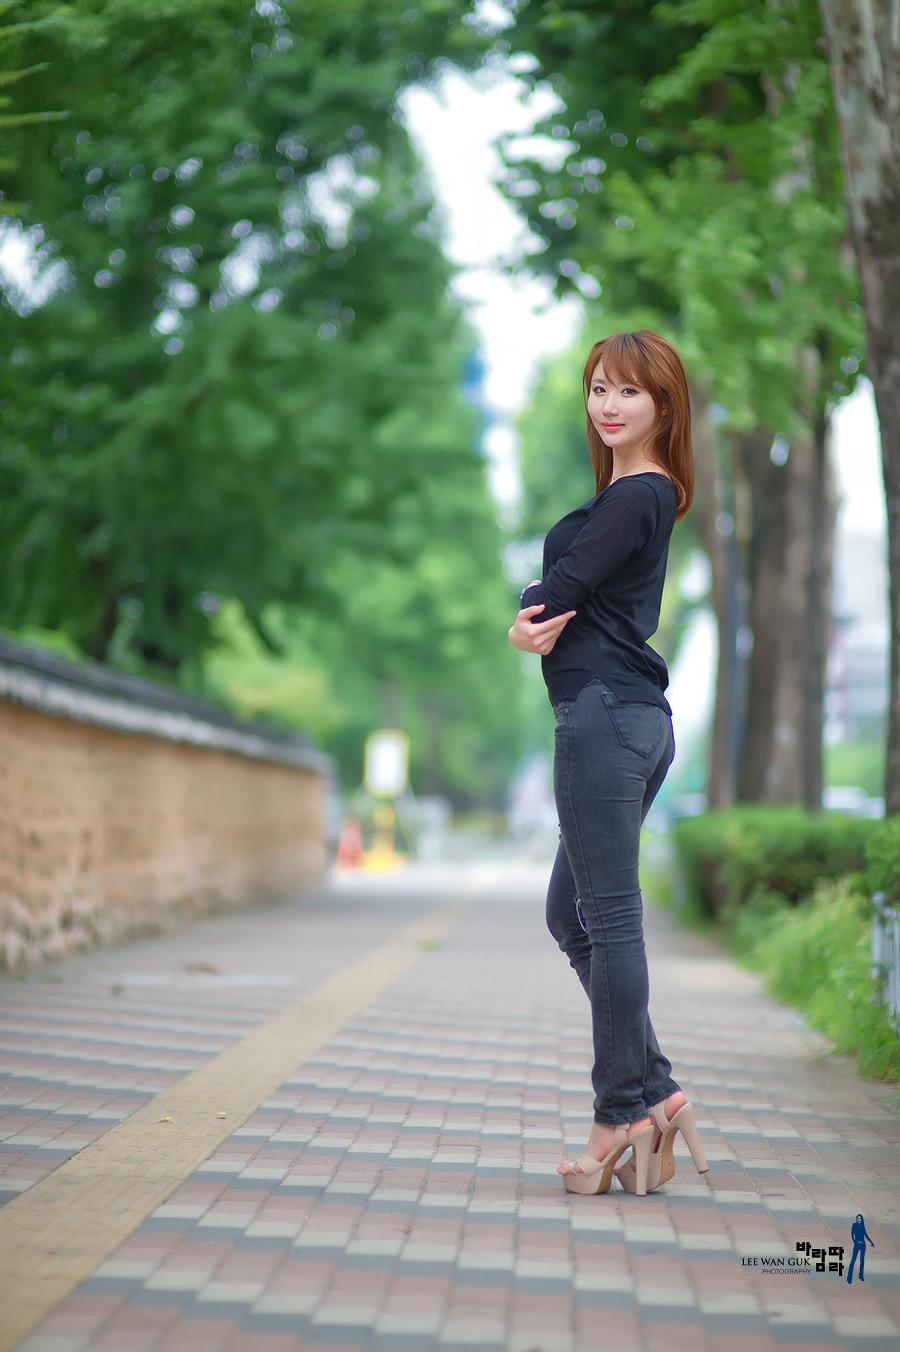 谈的谈说的说 (tán de tán shuō de shuō) - People talk and say about 小城故事真不错 (xiǎo chéng gù shi zhēn bù cuò) - The stories of the Small Town are really good